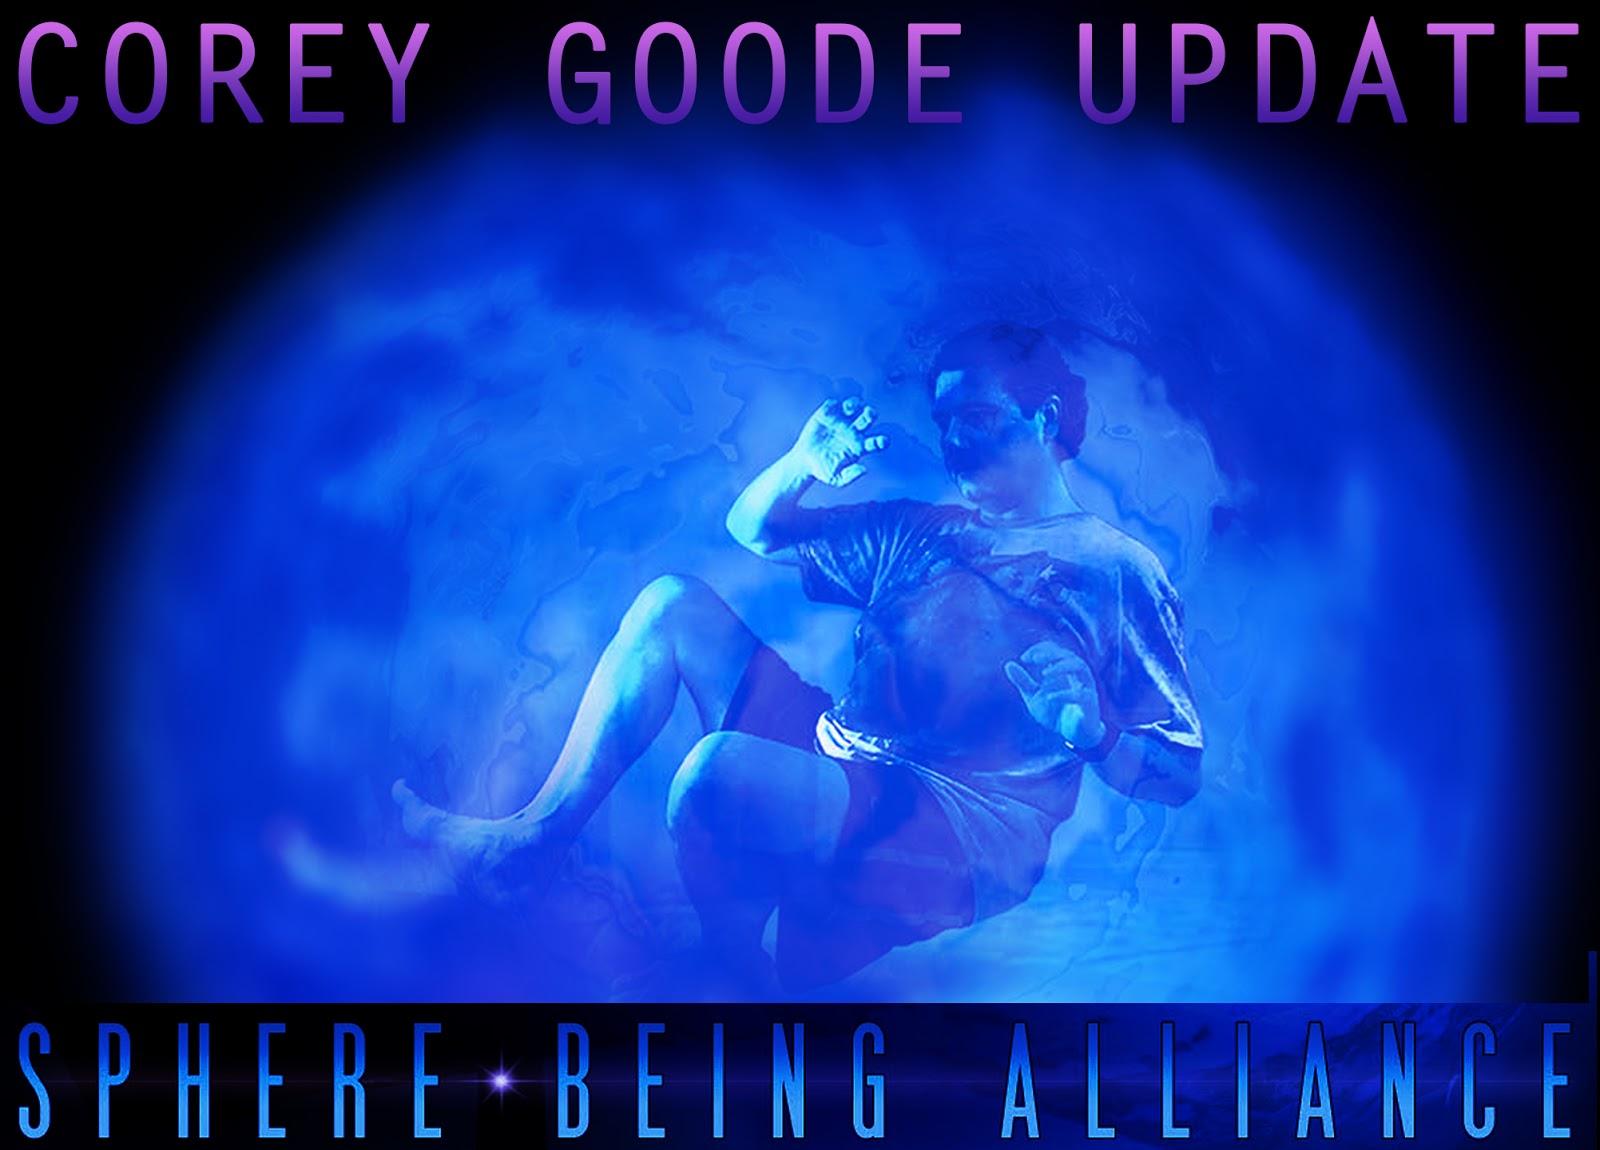 Обновление от Кори Гуд: «В течение последних недель у меня было несколько брифингов от Альянса Земли, а также источников Альянса ТКП». Corey%2BGoode%2BUpdate%2BGeneral